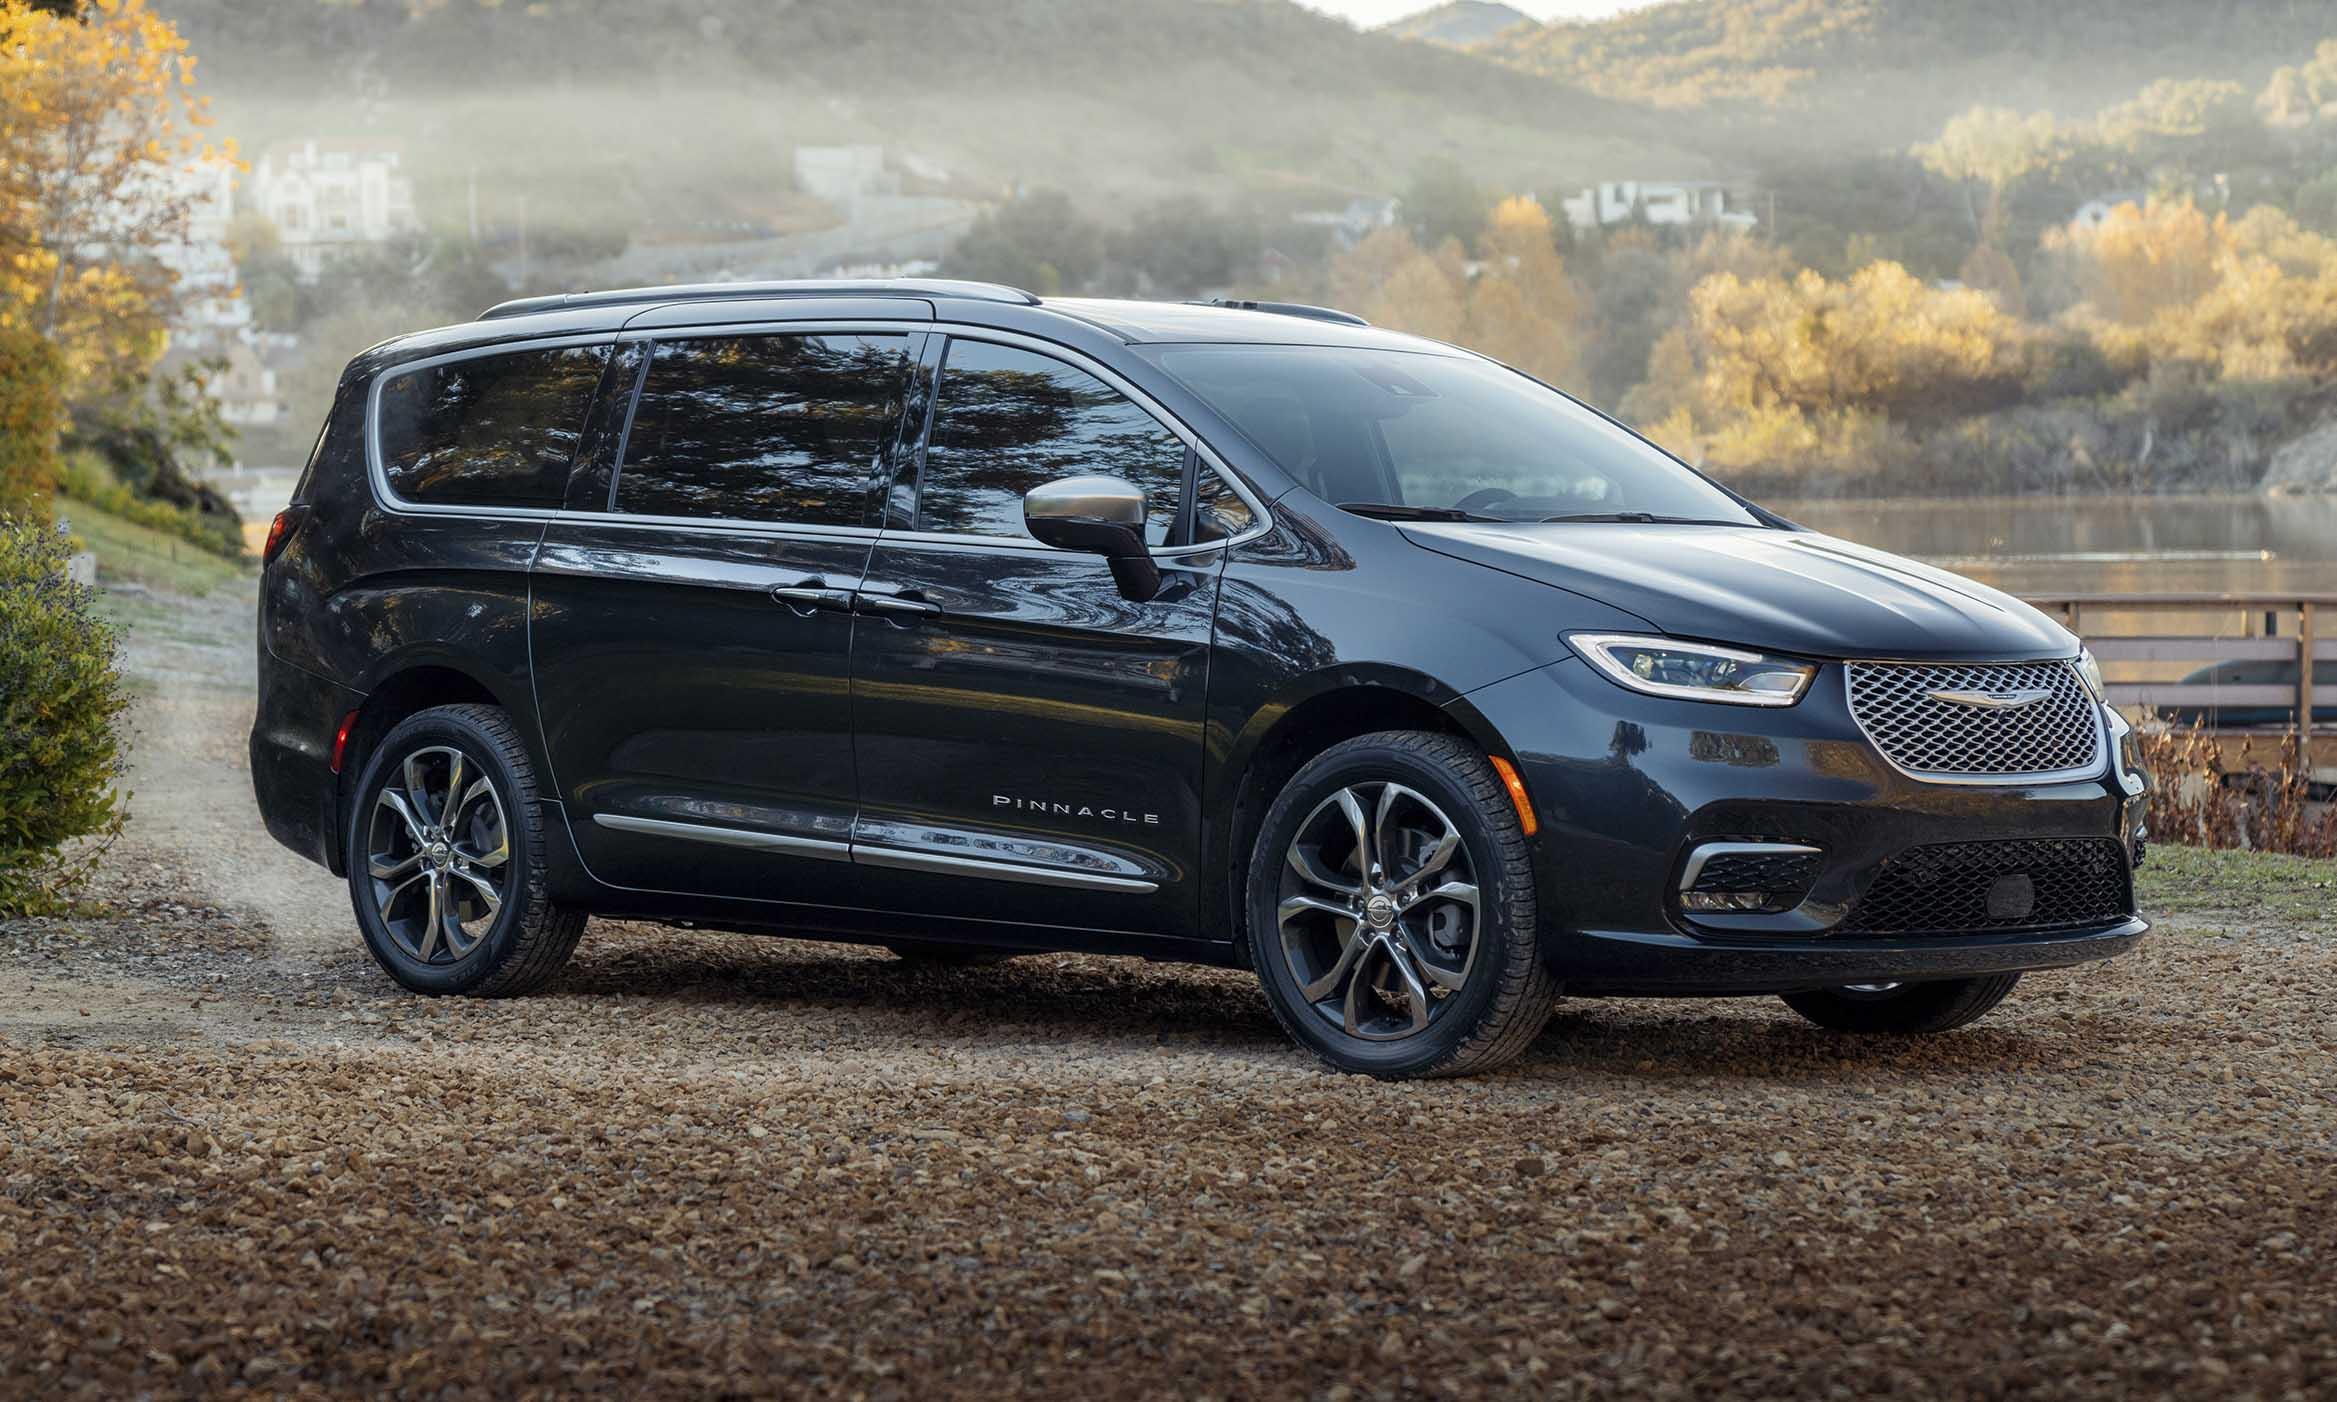 В Чикаго показан рестайлинговый Chrysler Pacifica. Модель появилась четыре года назад, а в последнее время стала терять популярность: например, за 2019-й в США нашли хозяев 98 000 экземпляров против 118 000 в 2018-м.